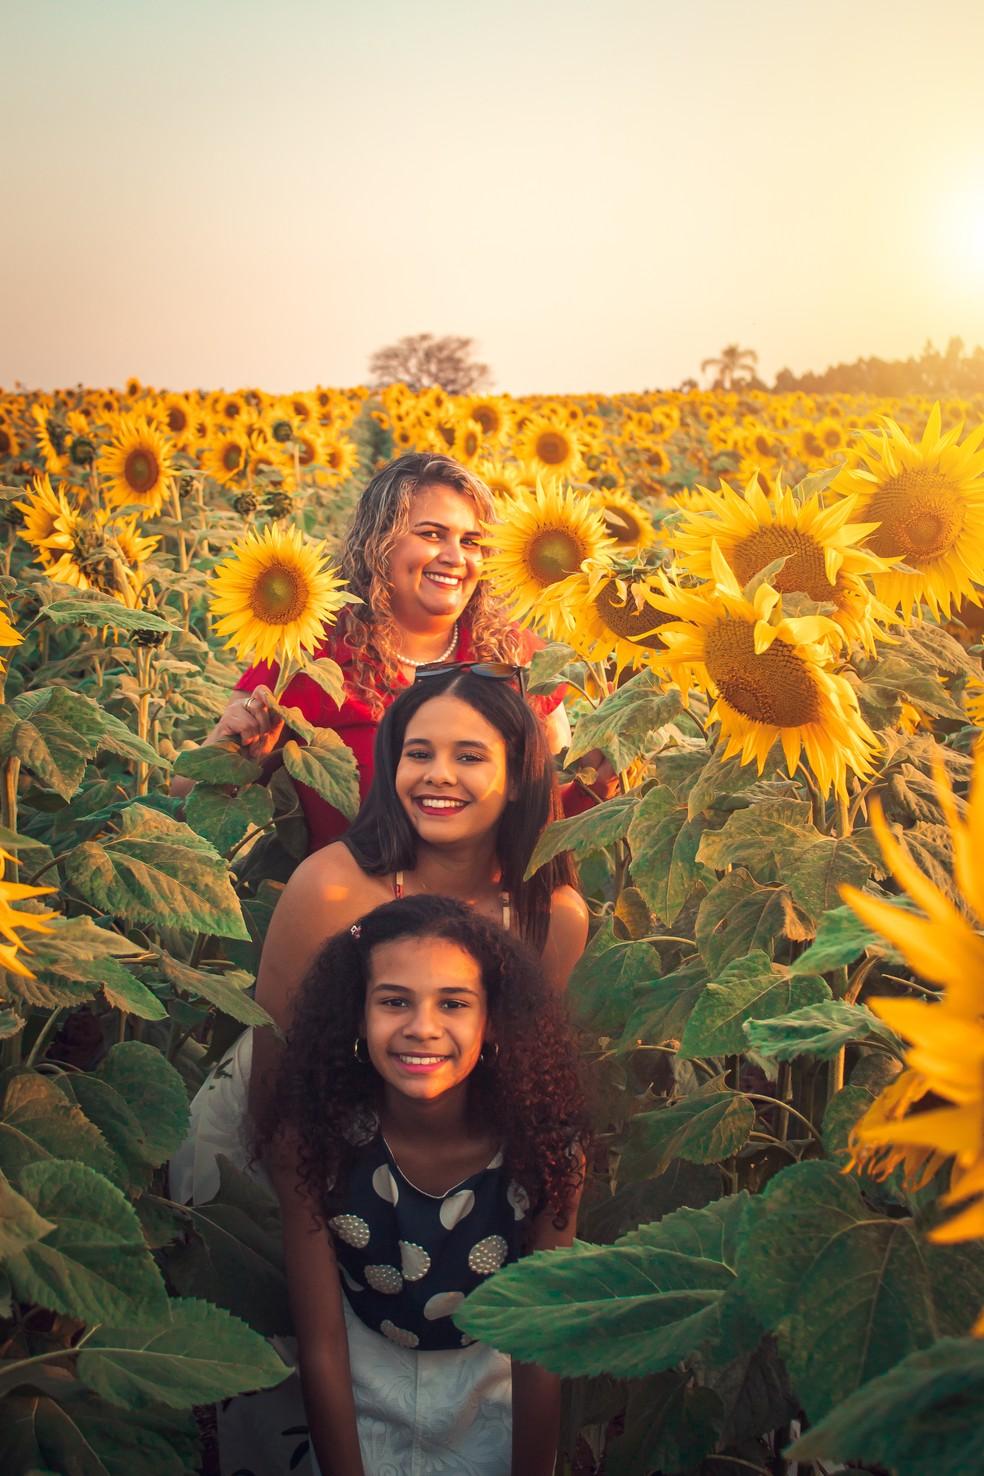 Mãe e filhas compraram ensaio fotográfico na plantação de girassóis em Cerquilho — Foto: Mirelle Reis/Divulgação